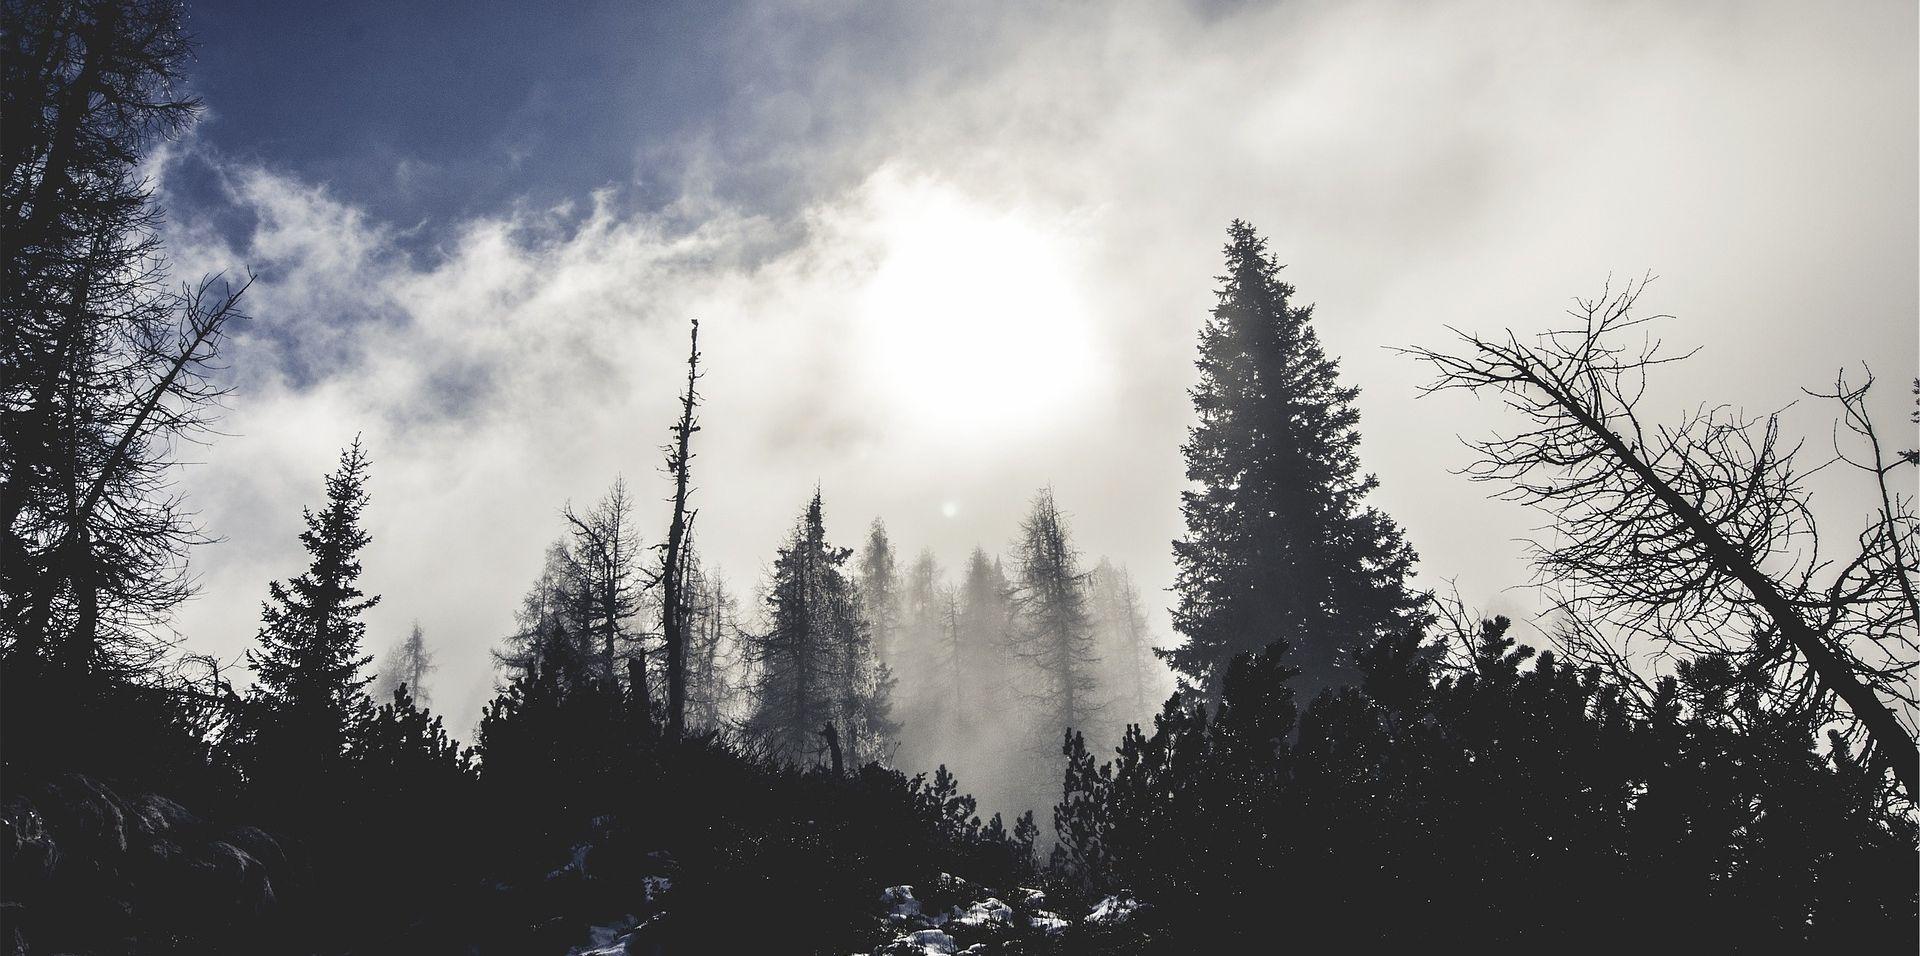 Na Jadranu većinom sunčano, u unutrašnjosti oblačno i maglovito